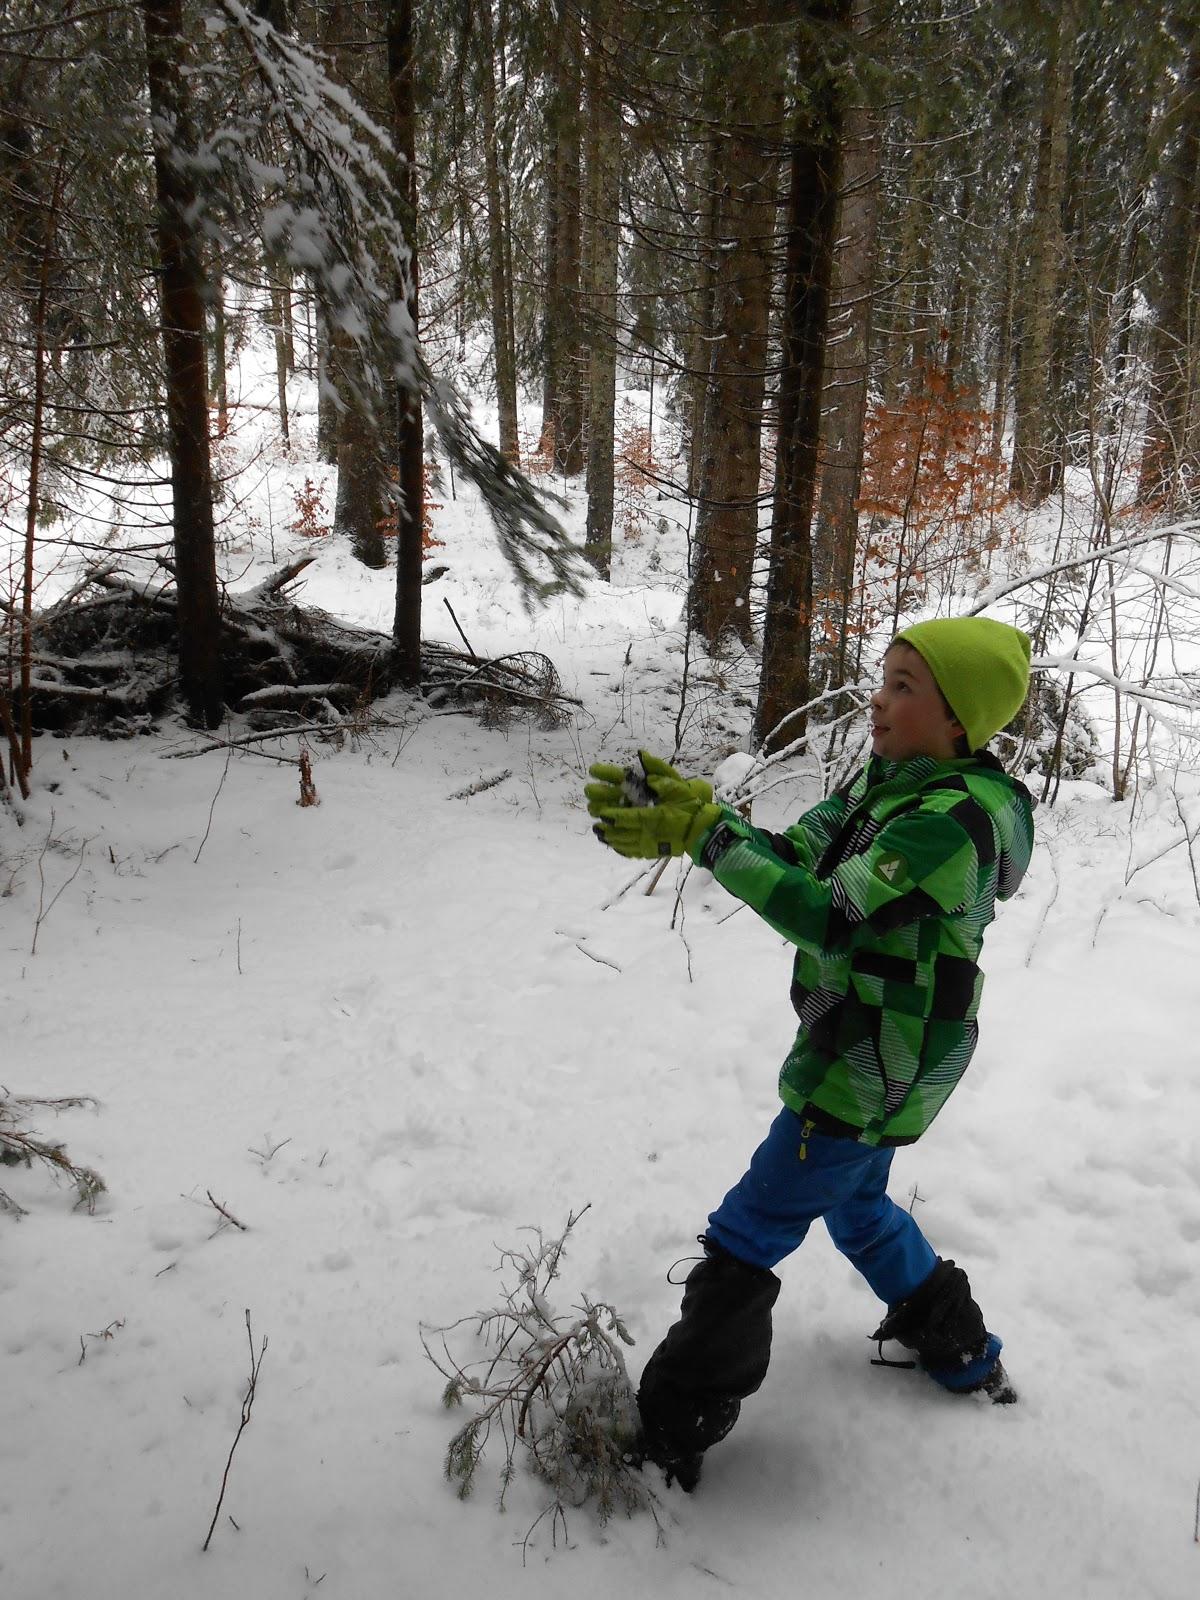 MČ zimovanje, Črni dol, 12.-13. februar 2016 - DSCN4989.JPG